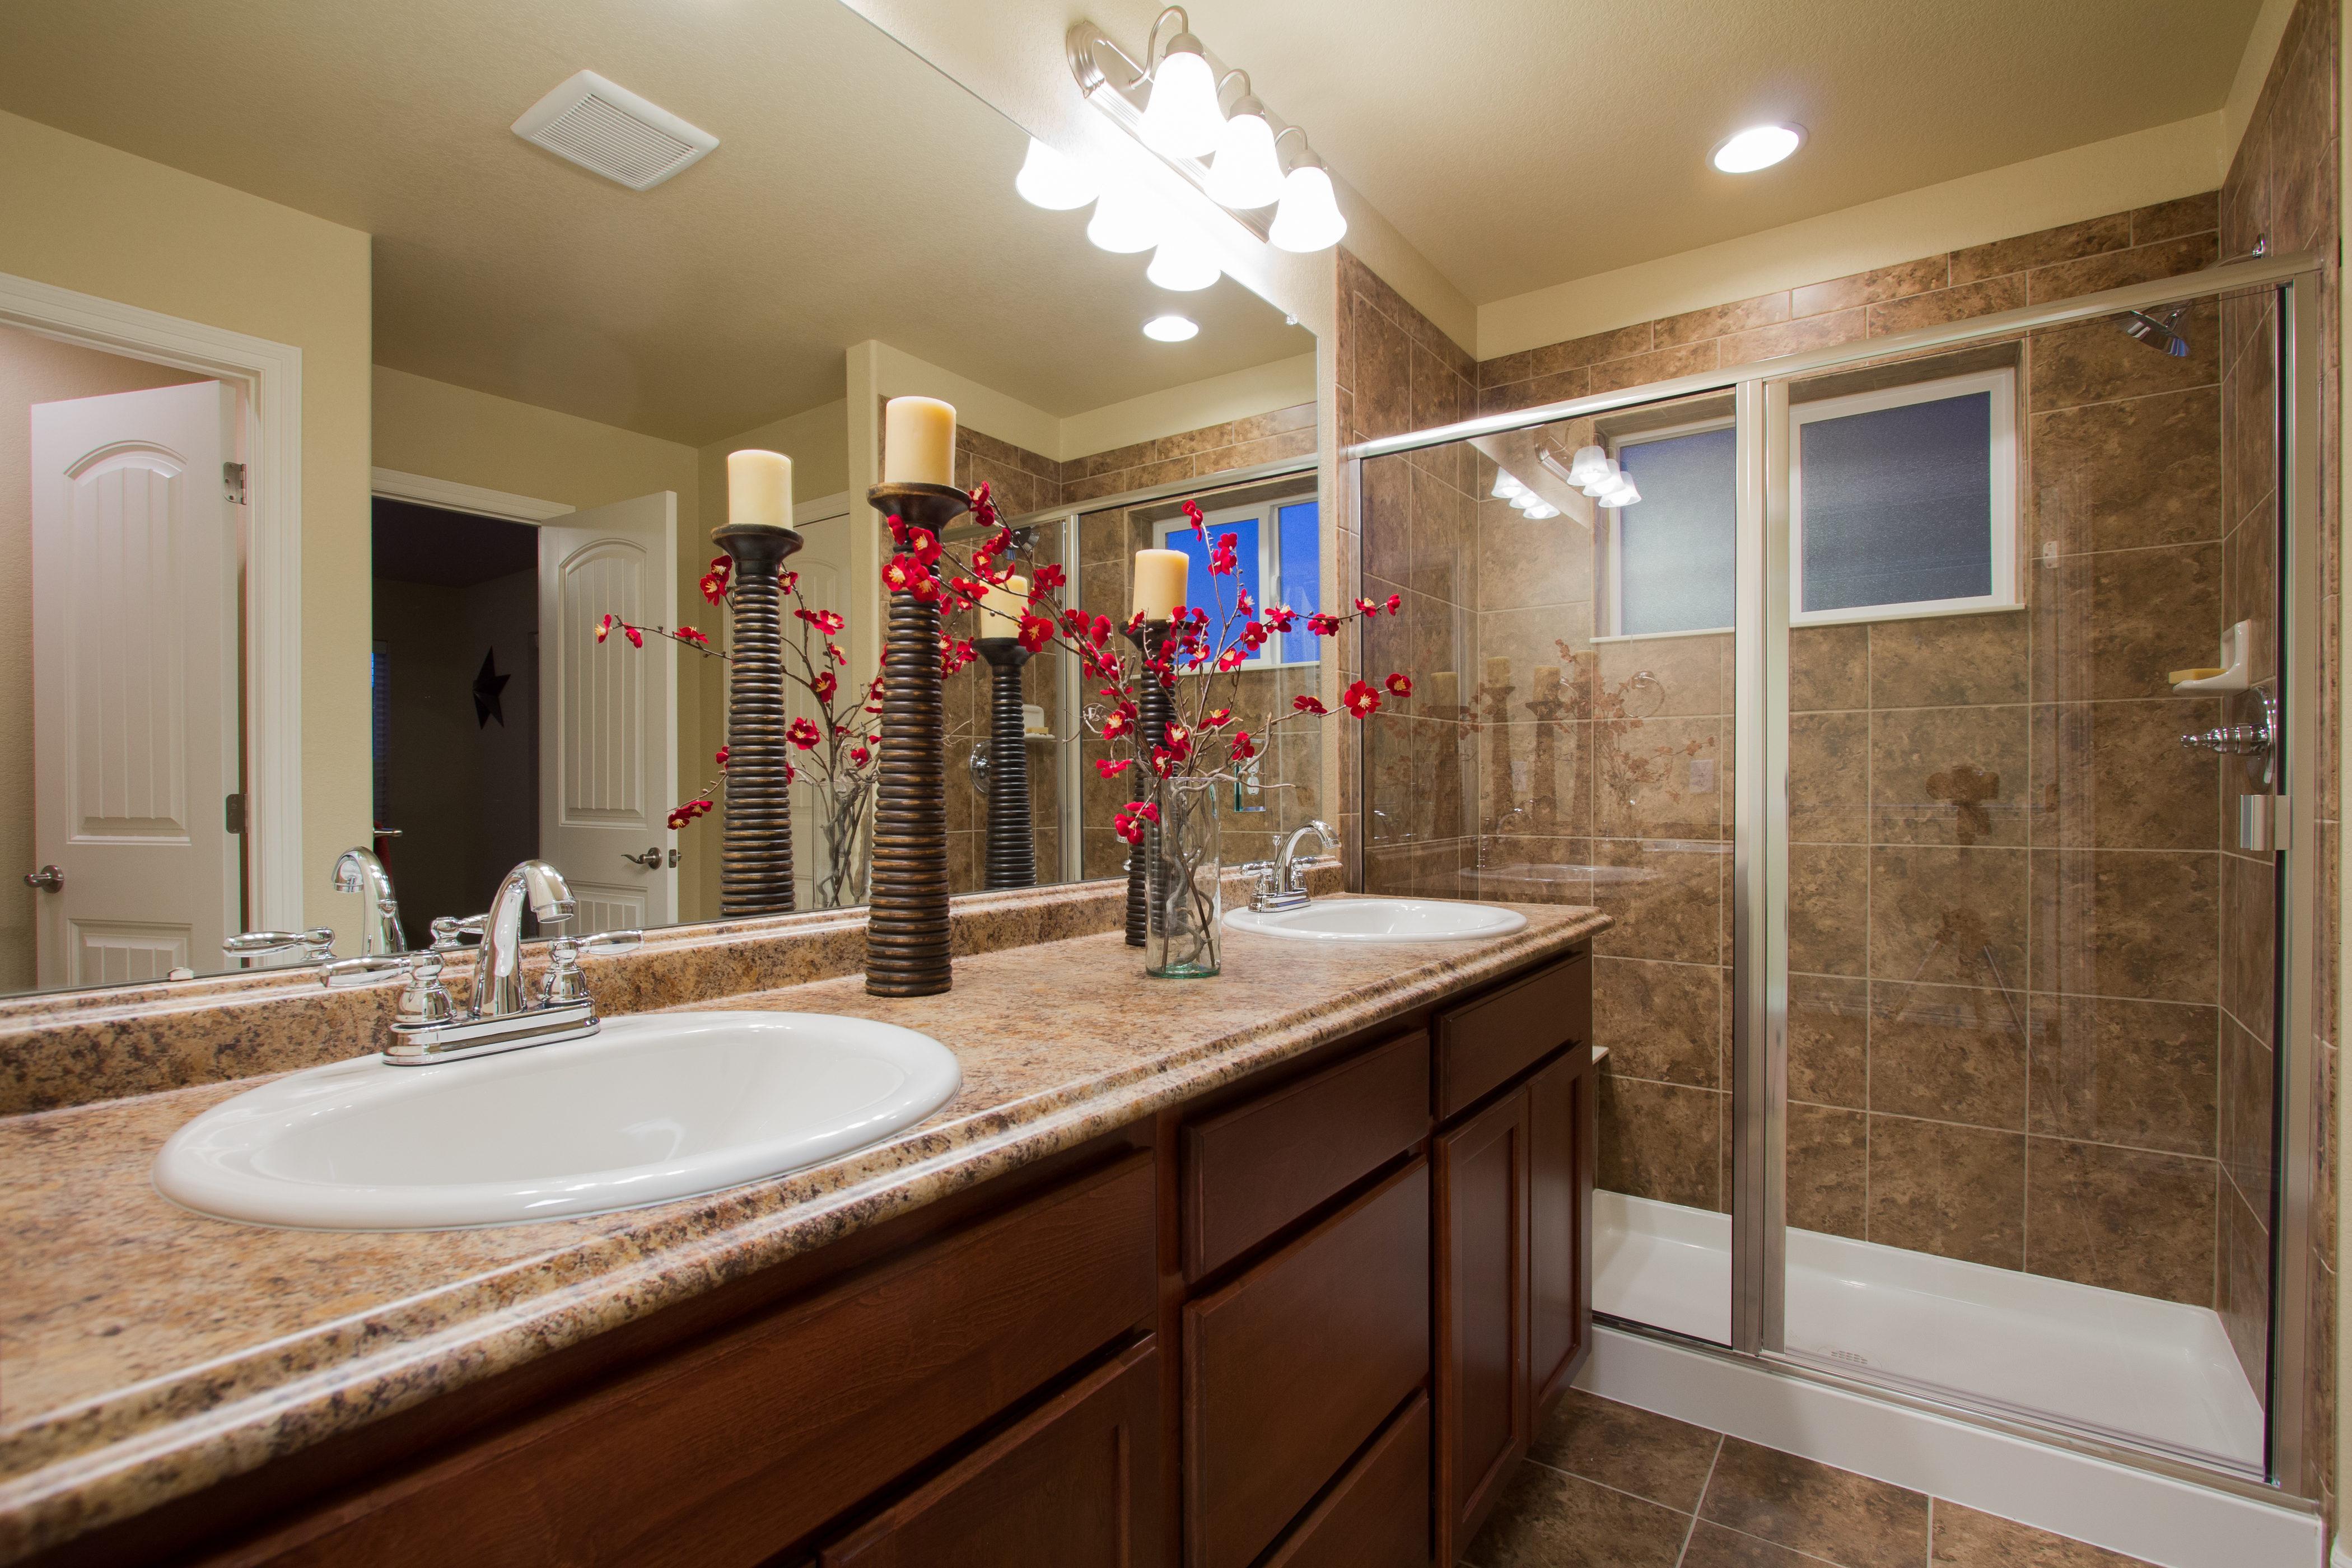 18-silverthorne-milliken-master_bathroom-new_houses_for_sale